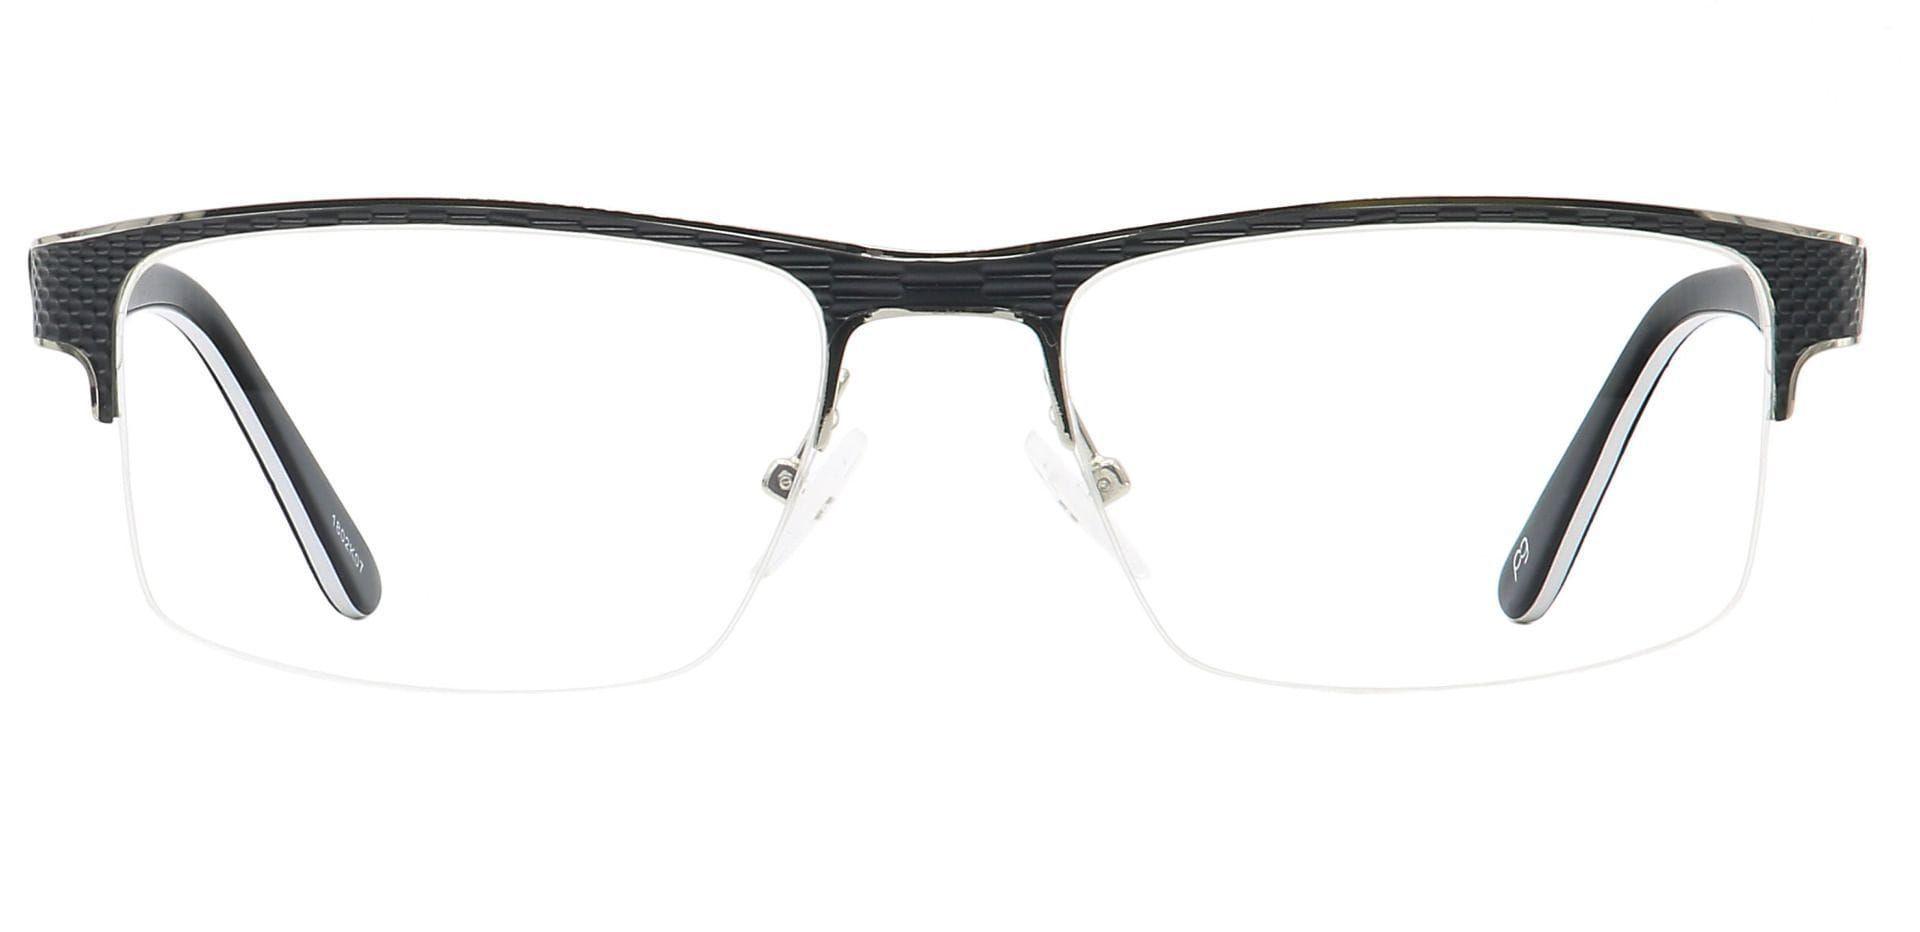 Rochelle Square Prescription Glasses - Black